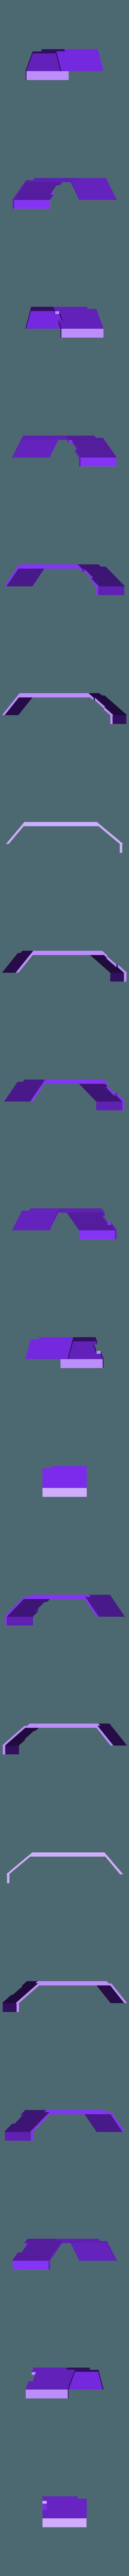 TruckV3_Props_fender_rear_right.STL Download STL file 3D Printed RC Truck V3 • 3D print model, MrCrankyface